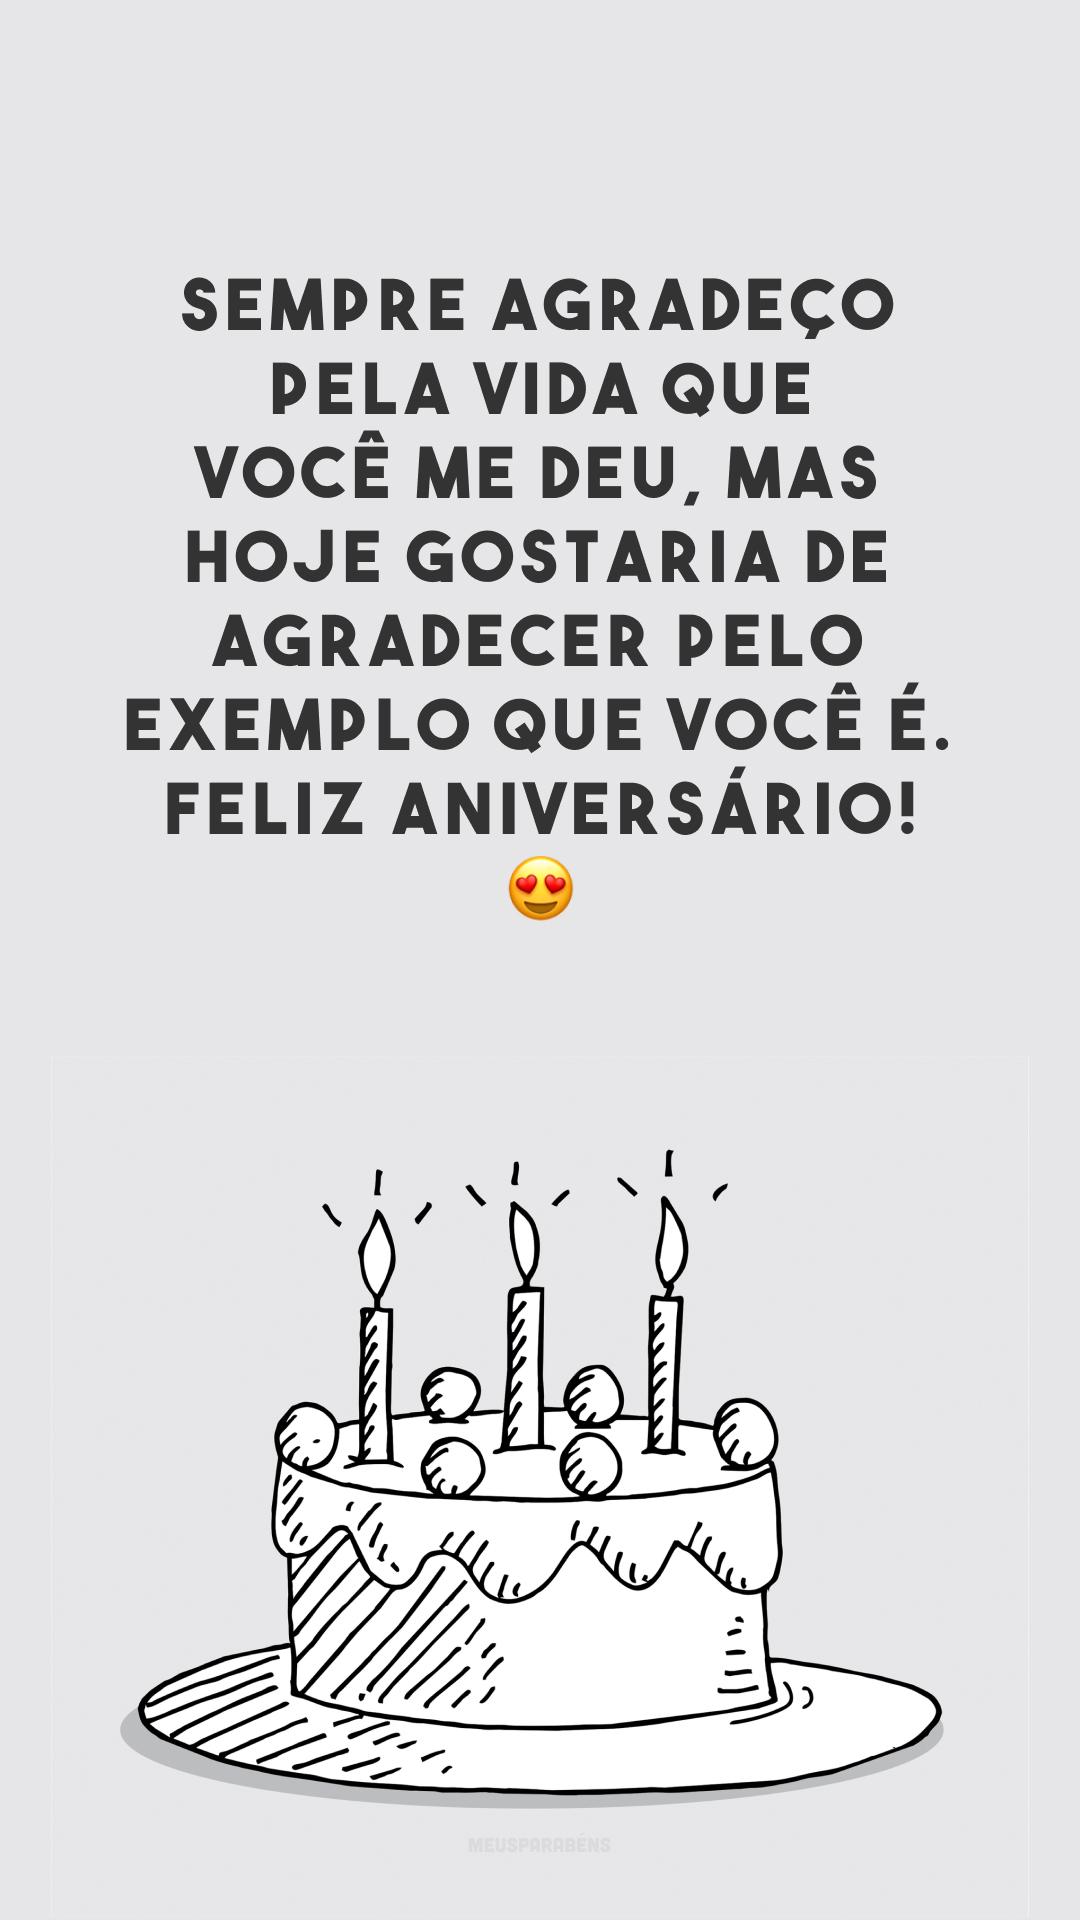 Sempre agradeço pela vida que você me deu, mas hoje gostaria de agradecer pelo exemplo que você é. Feliz aniversário! 😍